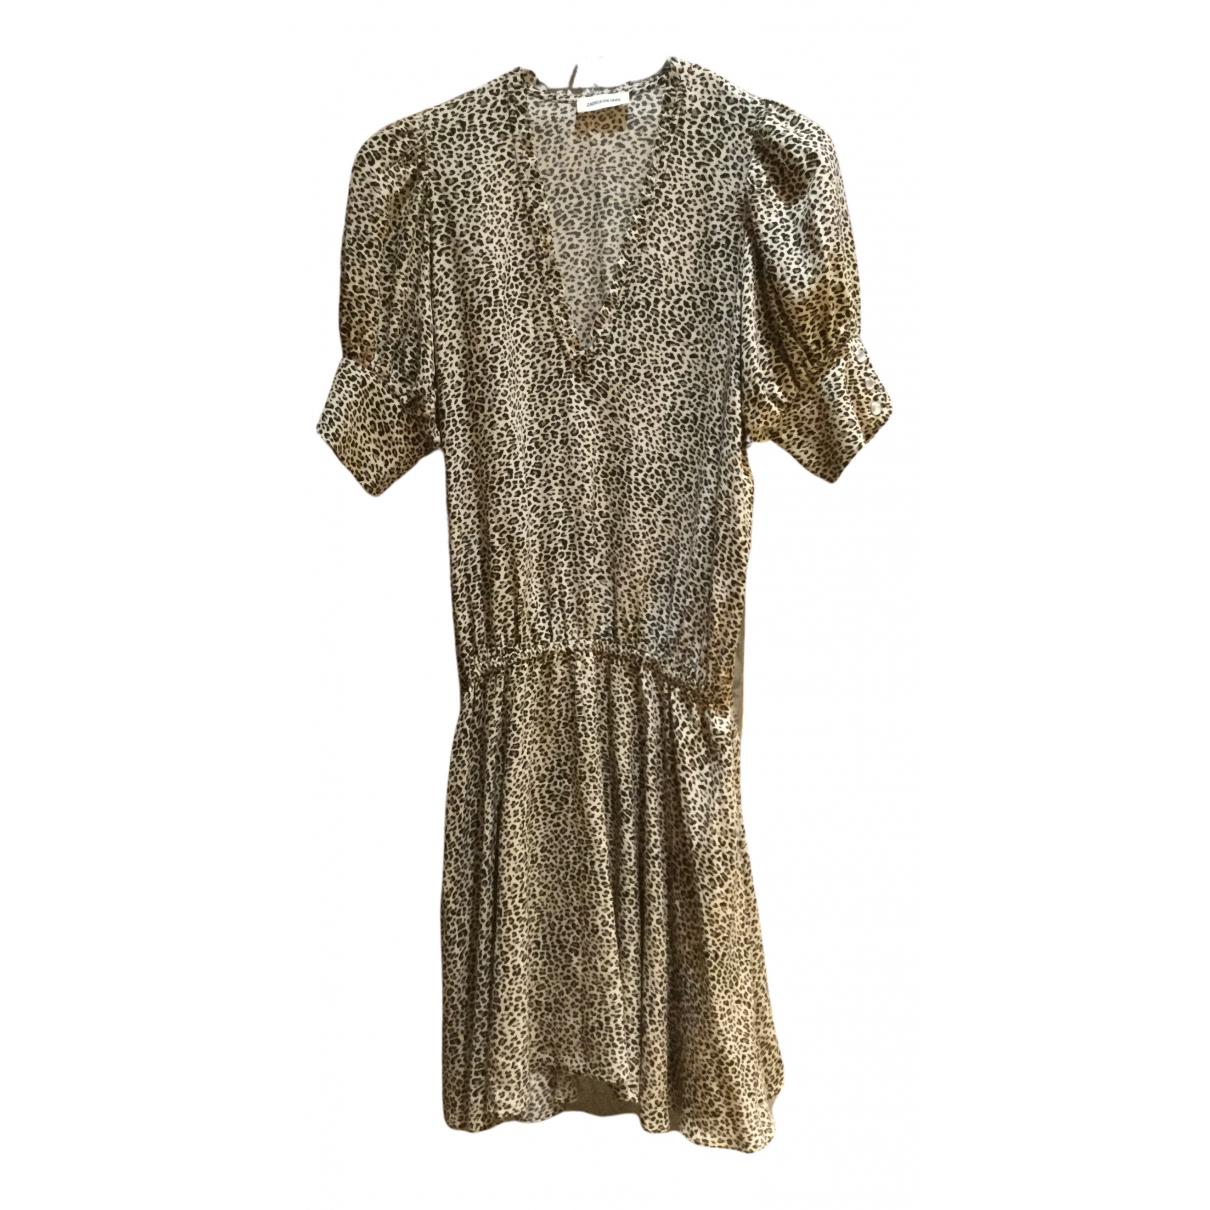 Zadig & Voltaire \N Kleid in  Beige Viskose